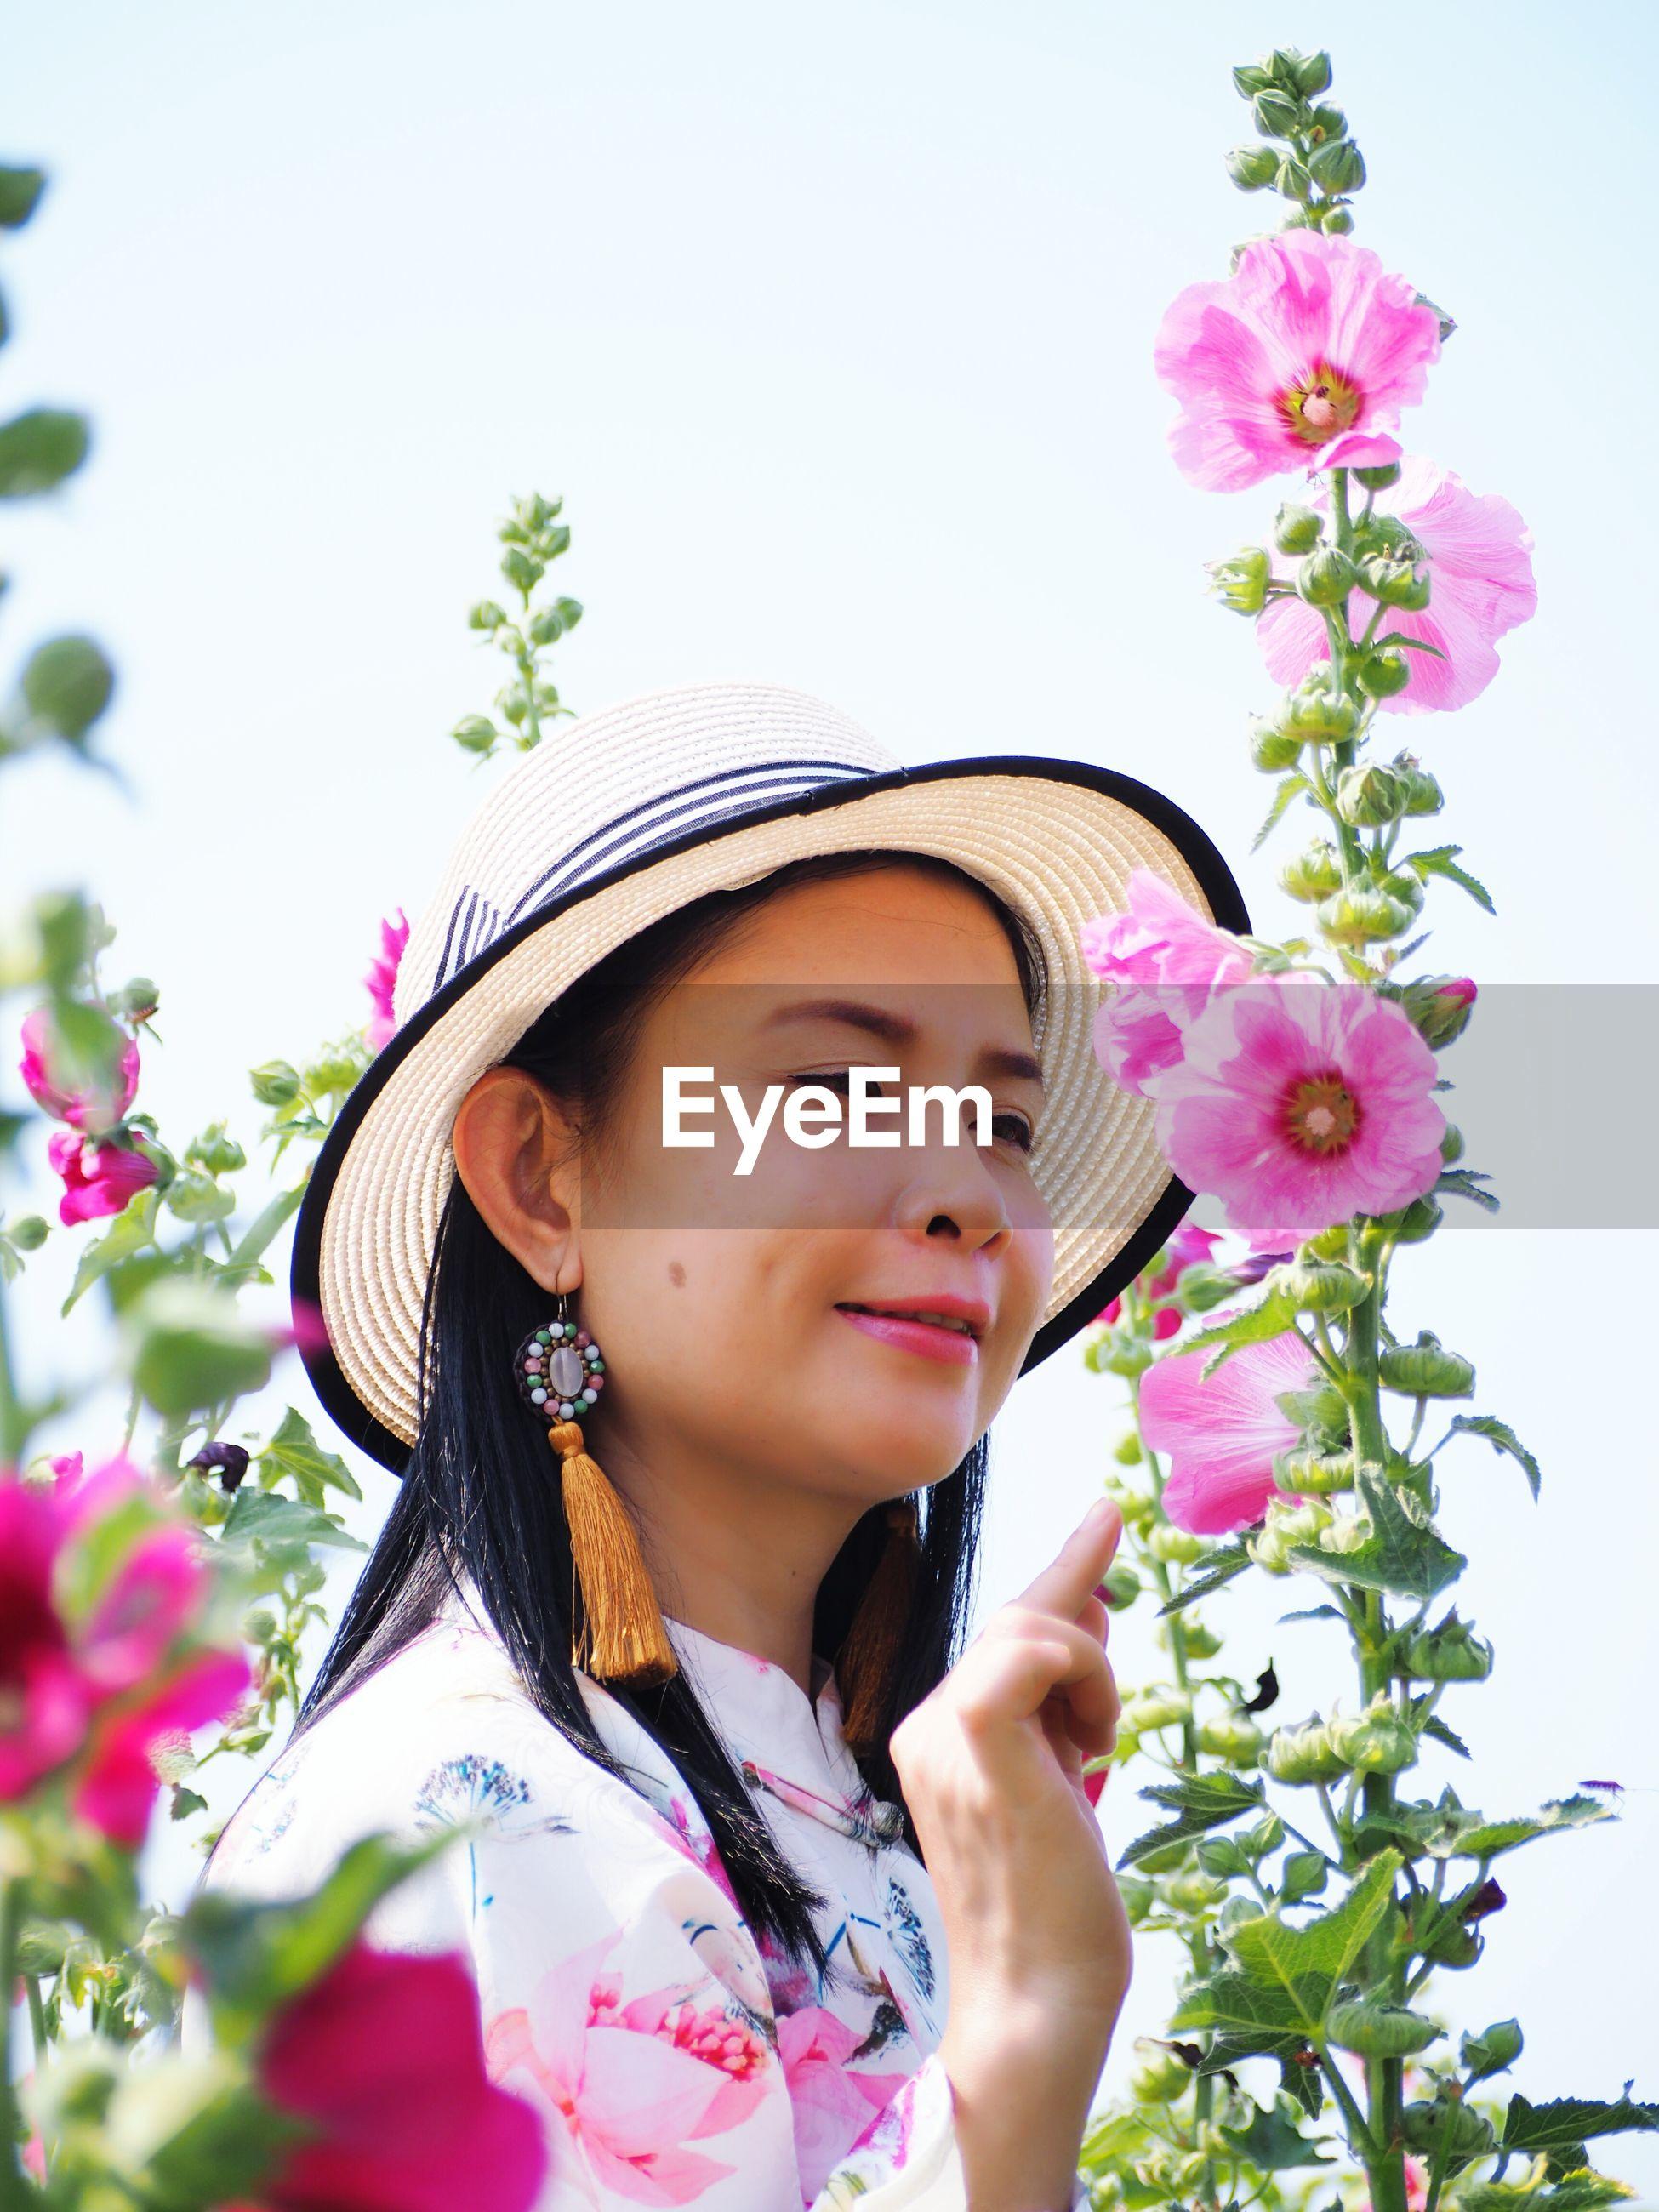 Smiling woman touching pink flowering plants